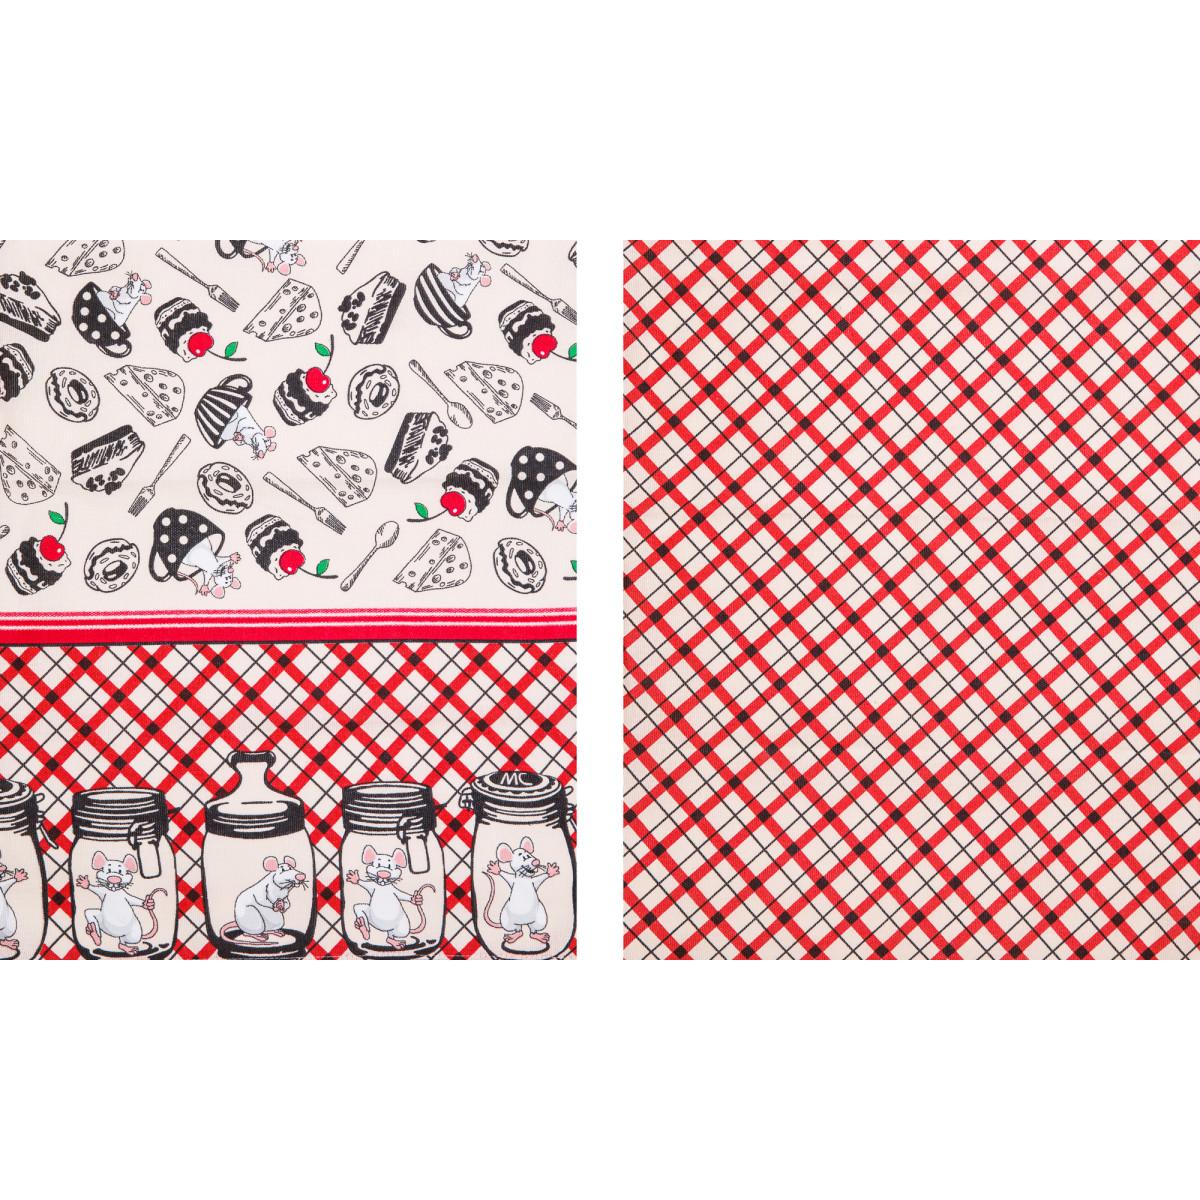 Кухонное полотенце Мыши в банках и клетка цвет: красный (45х73 см - 2 шт)